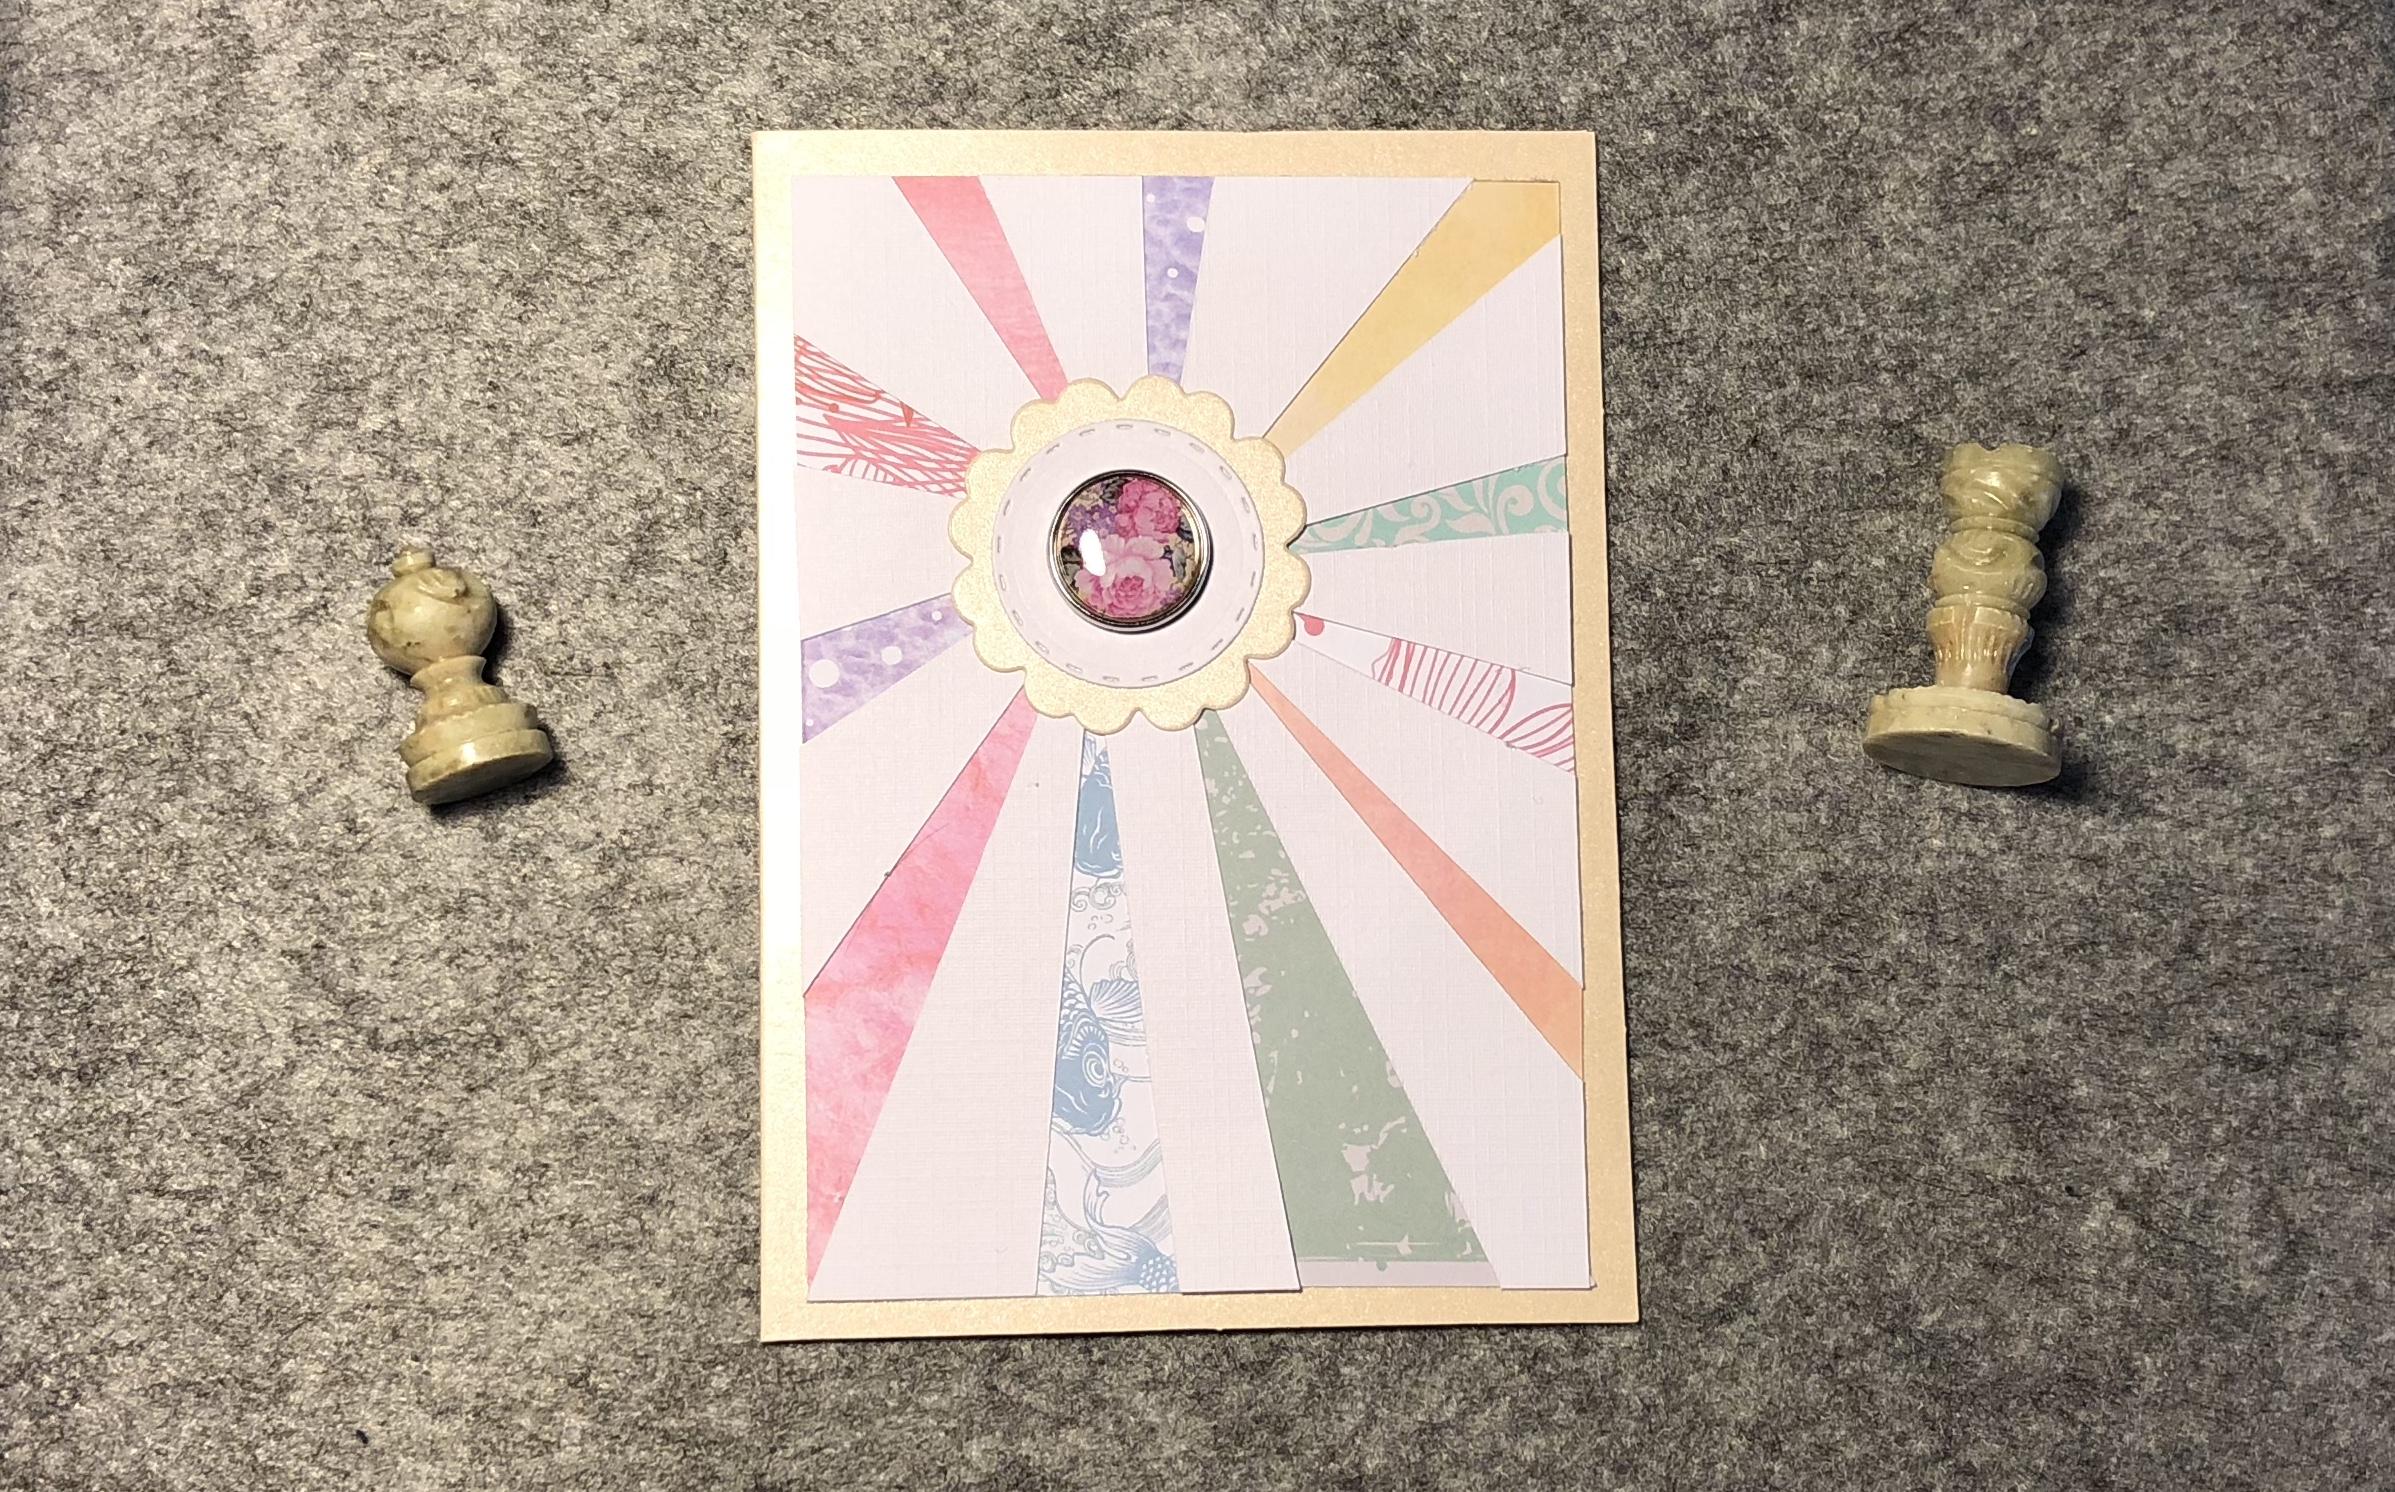 Zentral eine Sonne mit taktilem Button. Von der Sonne gehen Strahlen in verschiedenen Farben aus.